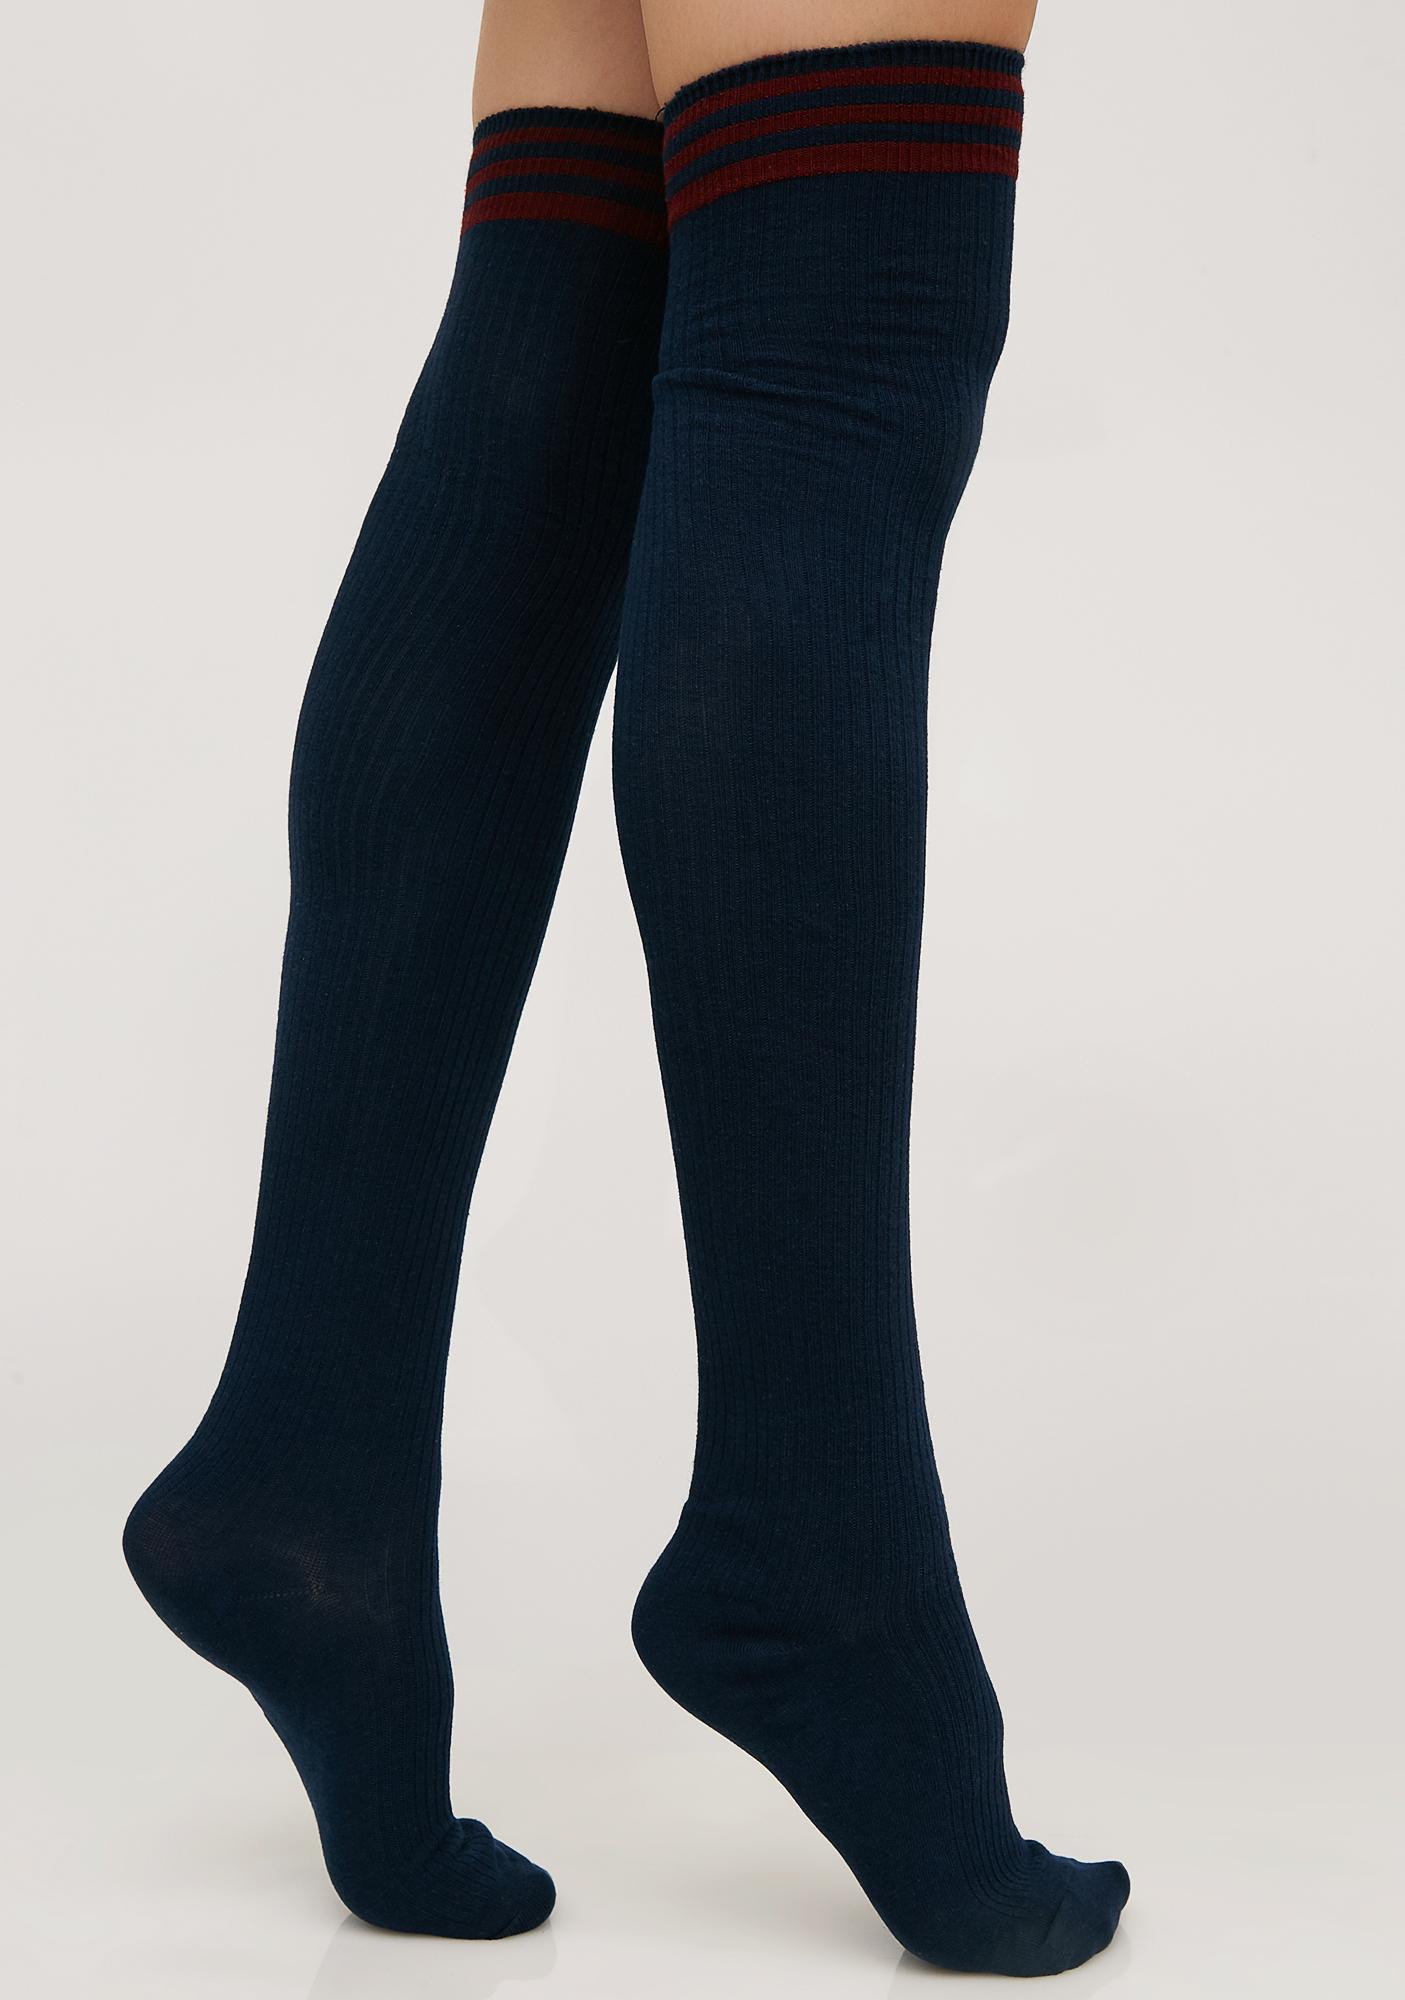 Yung Thang Thigh High Socks